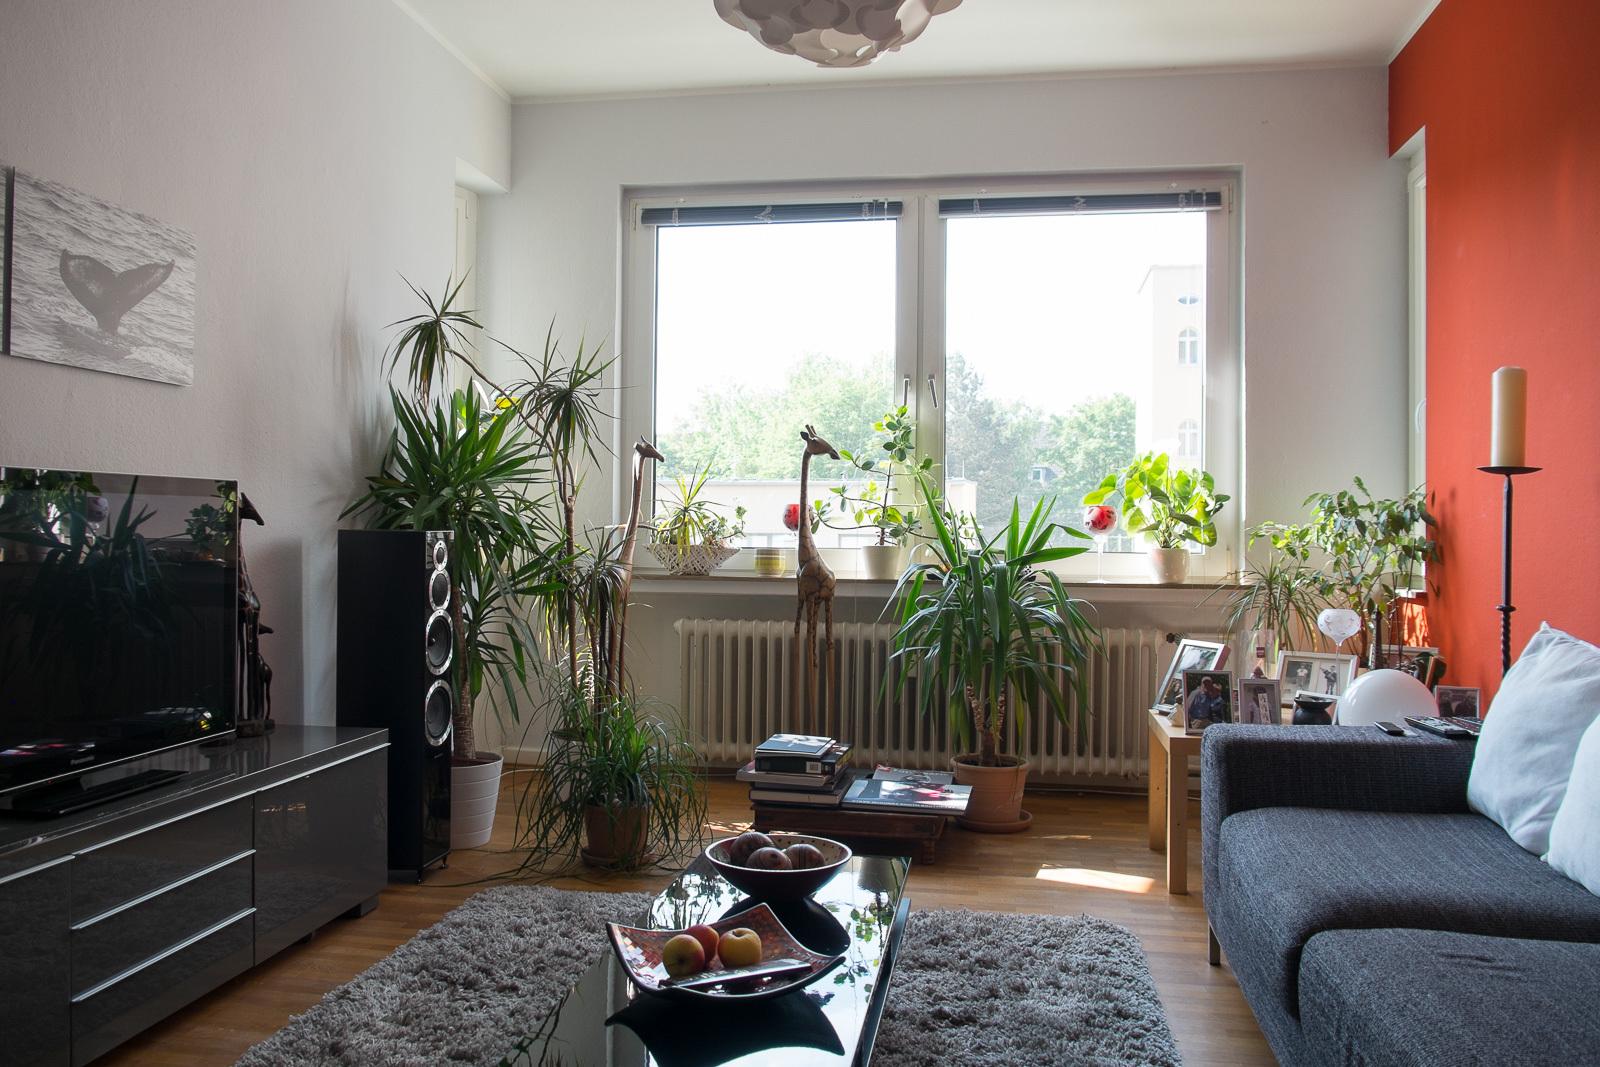 wohnzimmer wohnzimmer hifi bildergalerie. Black Bedroom Furniture Sets. Home Design Ideas